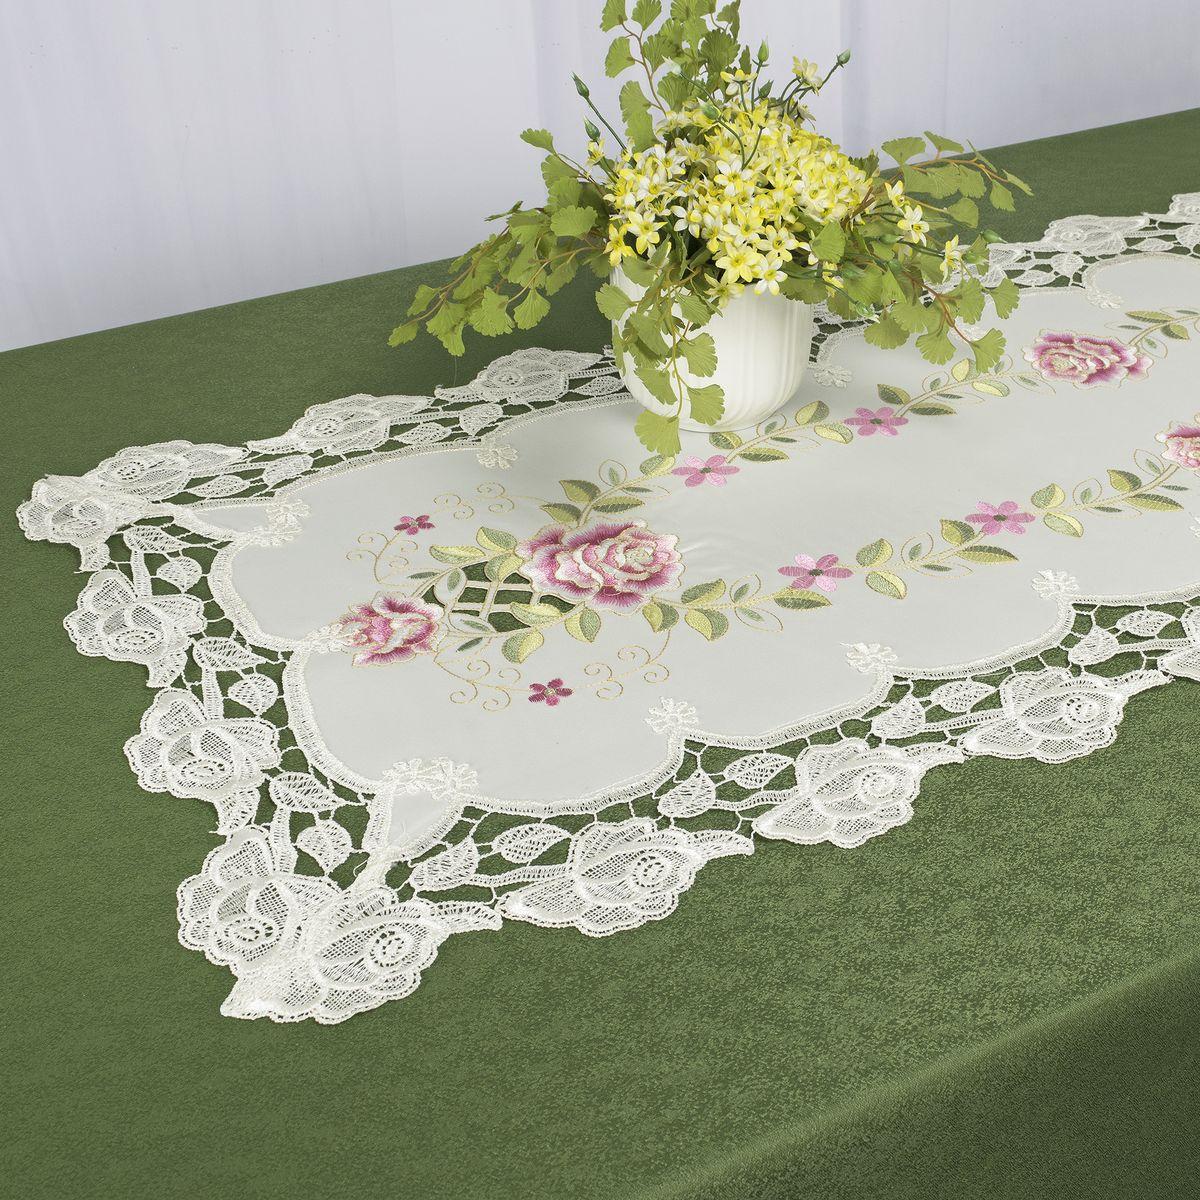 Дорожка для декорирования стола Schaefer, 40 x 110 см, цвет: белый. 07686-233